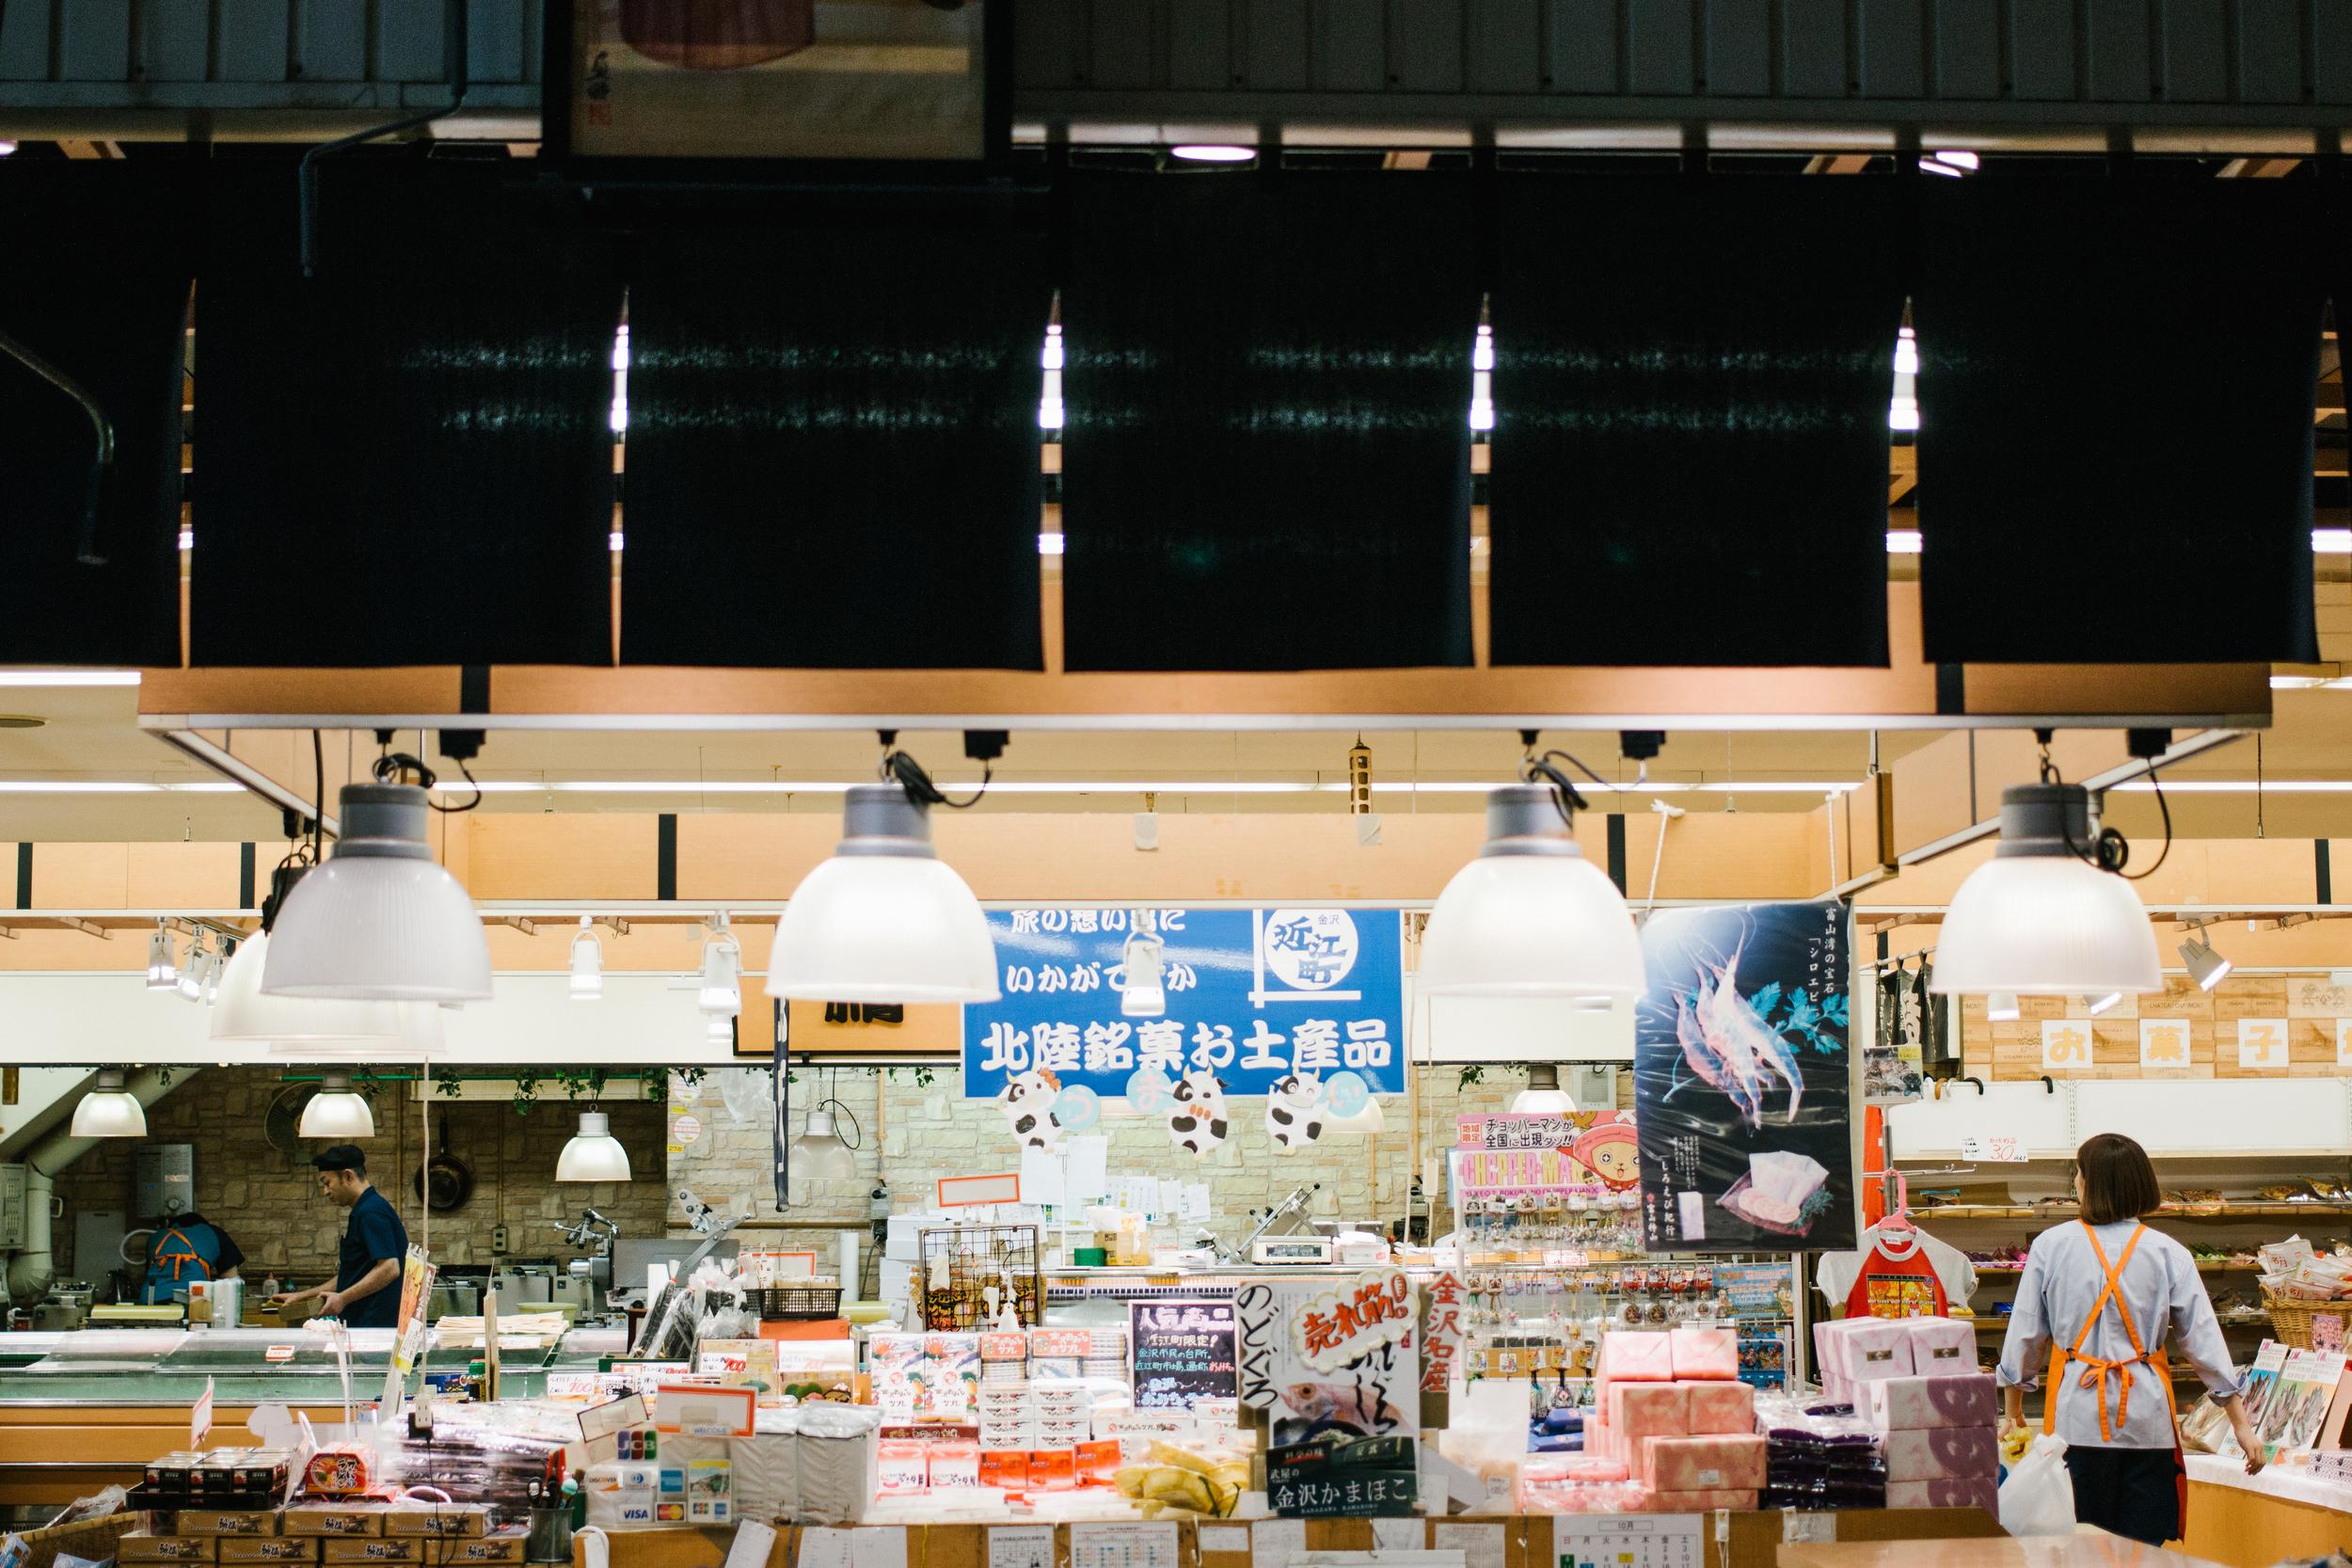 金沢の台所 近江町市場 Fish Market  with lots to eat and see